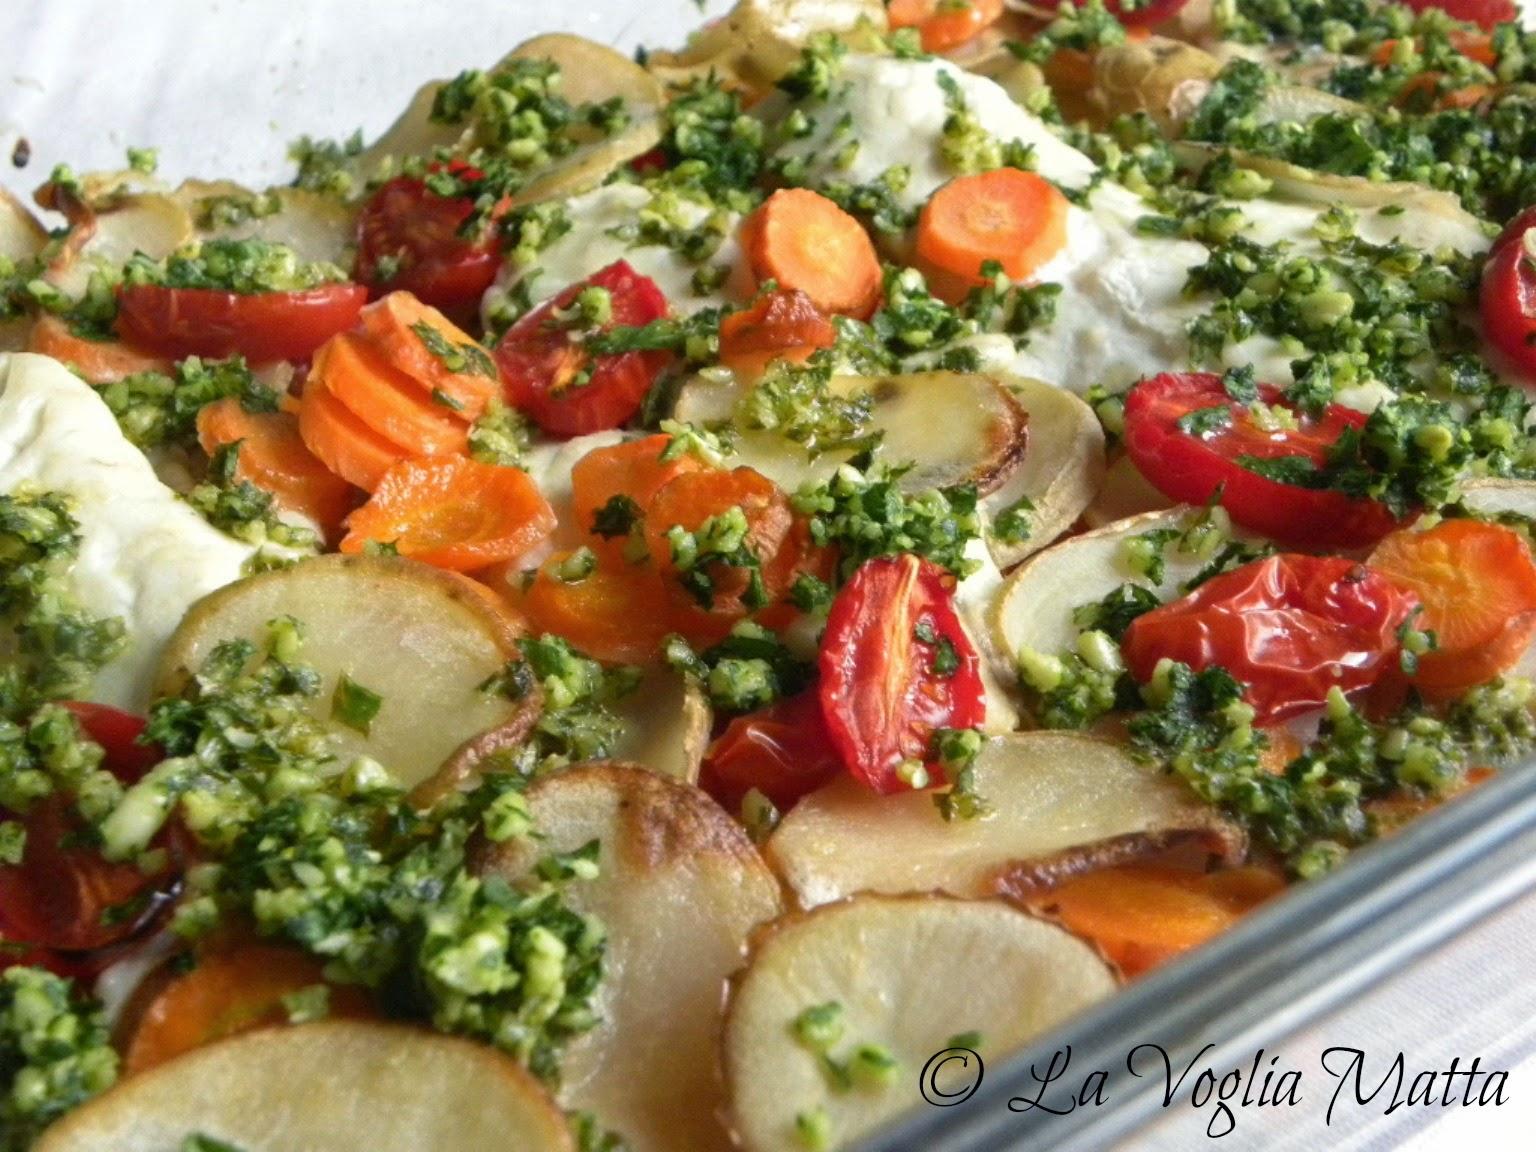 filetti di branzino al forno con verdure